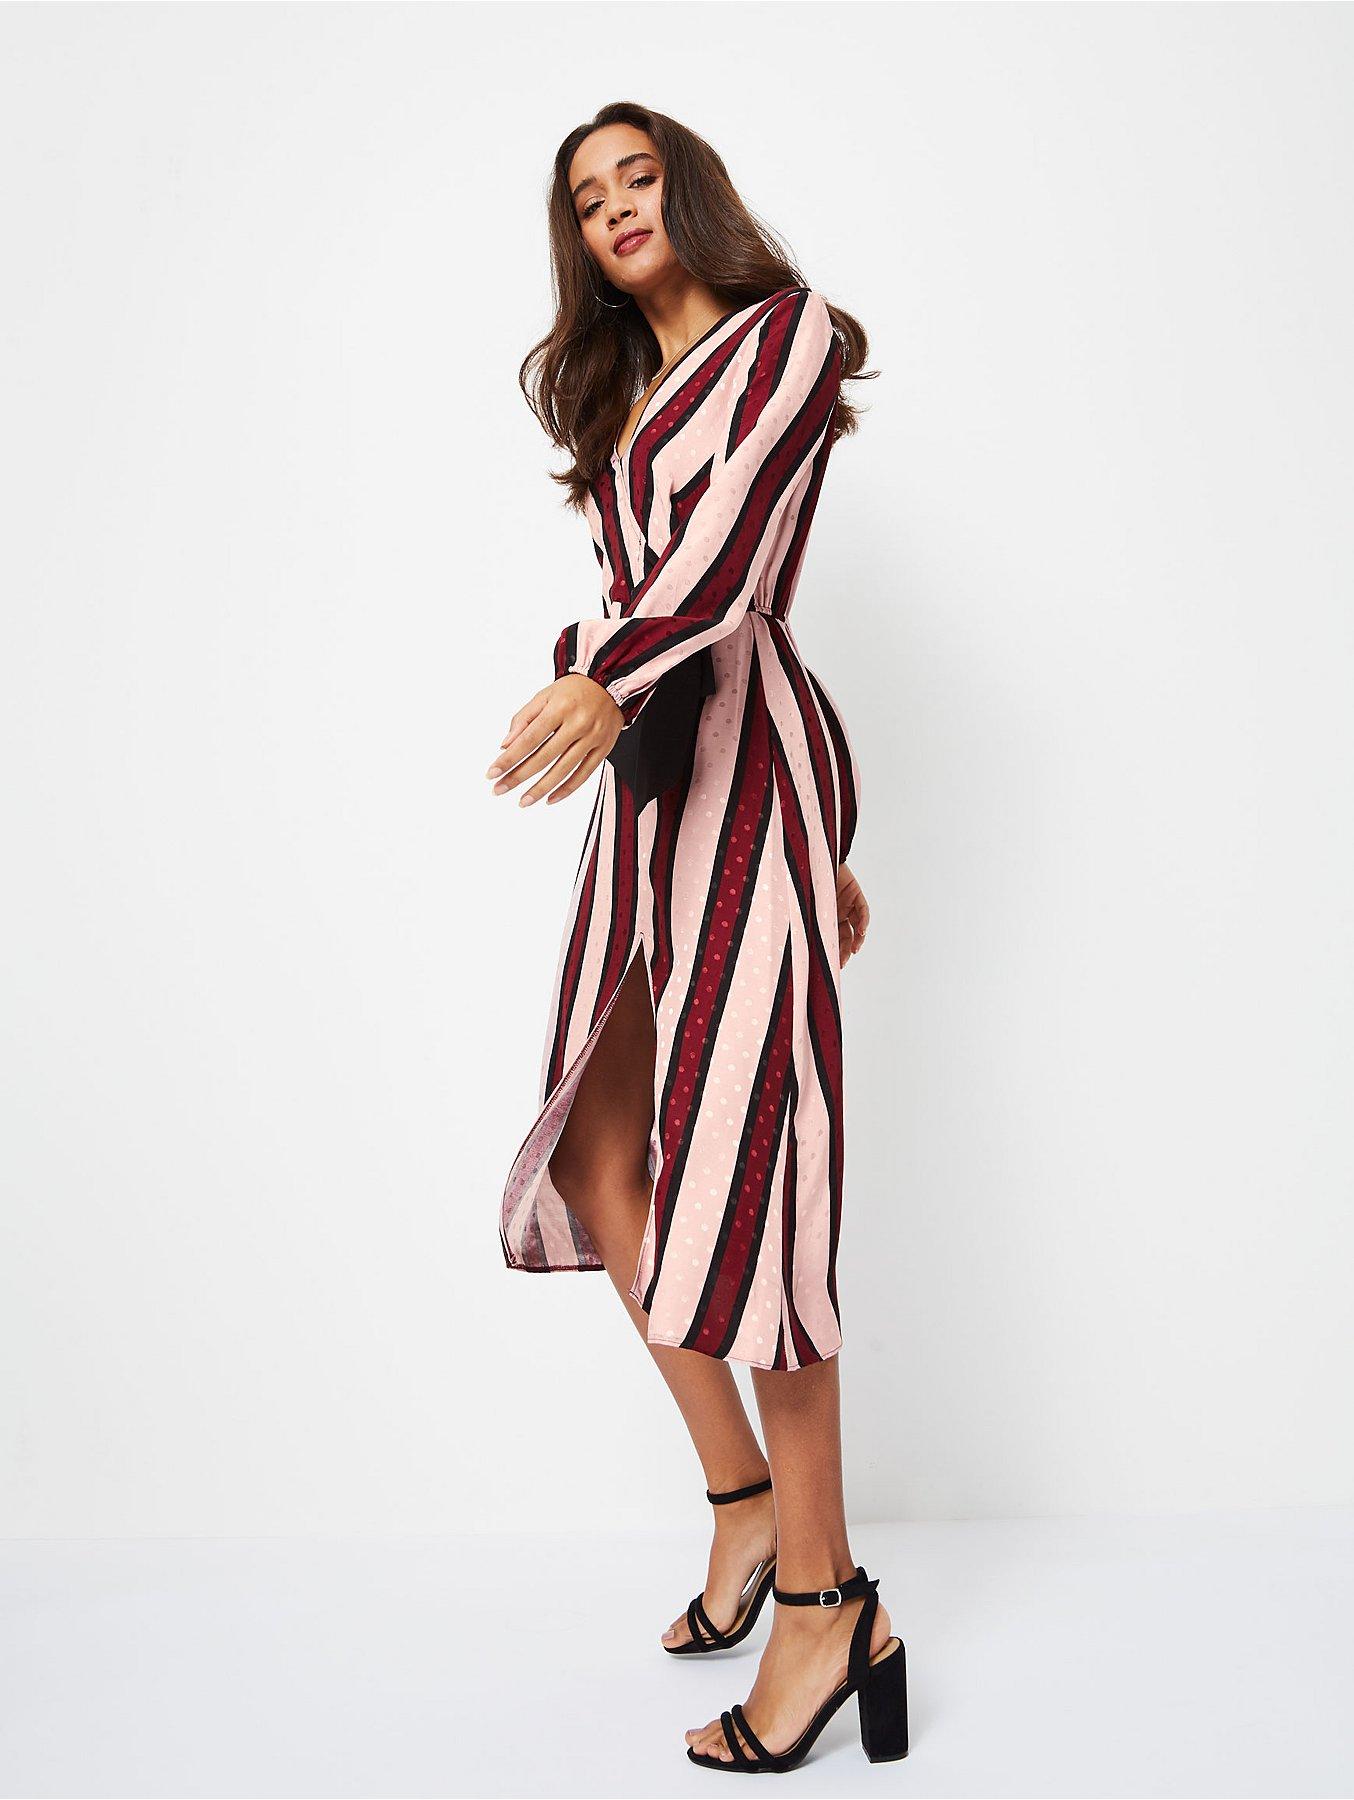 e097d0903223d5 Asda Sale Ladies Dresses – DACC